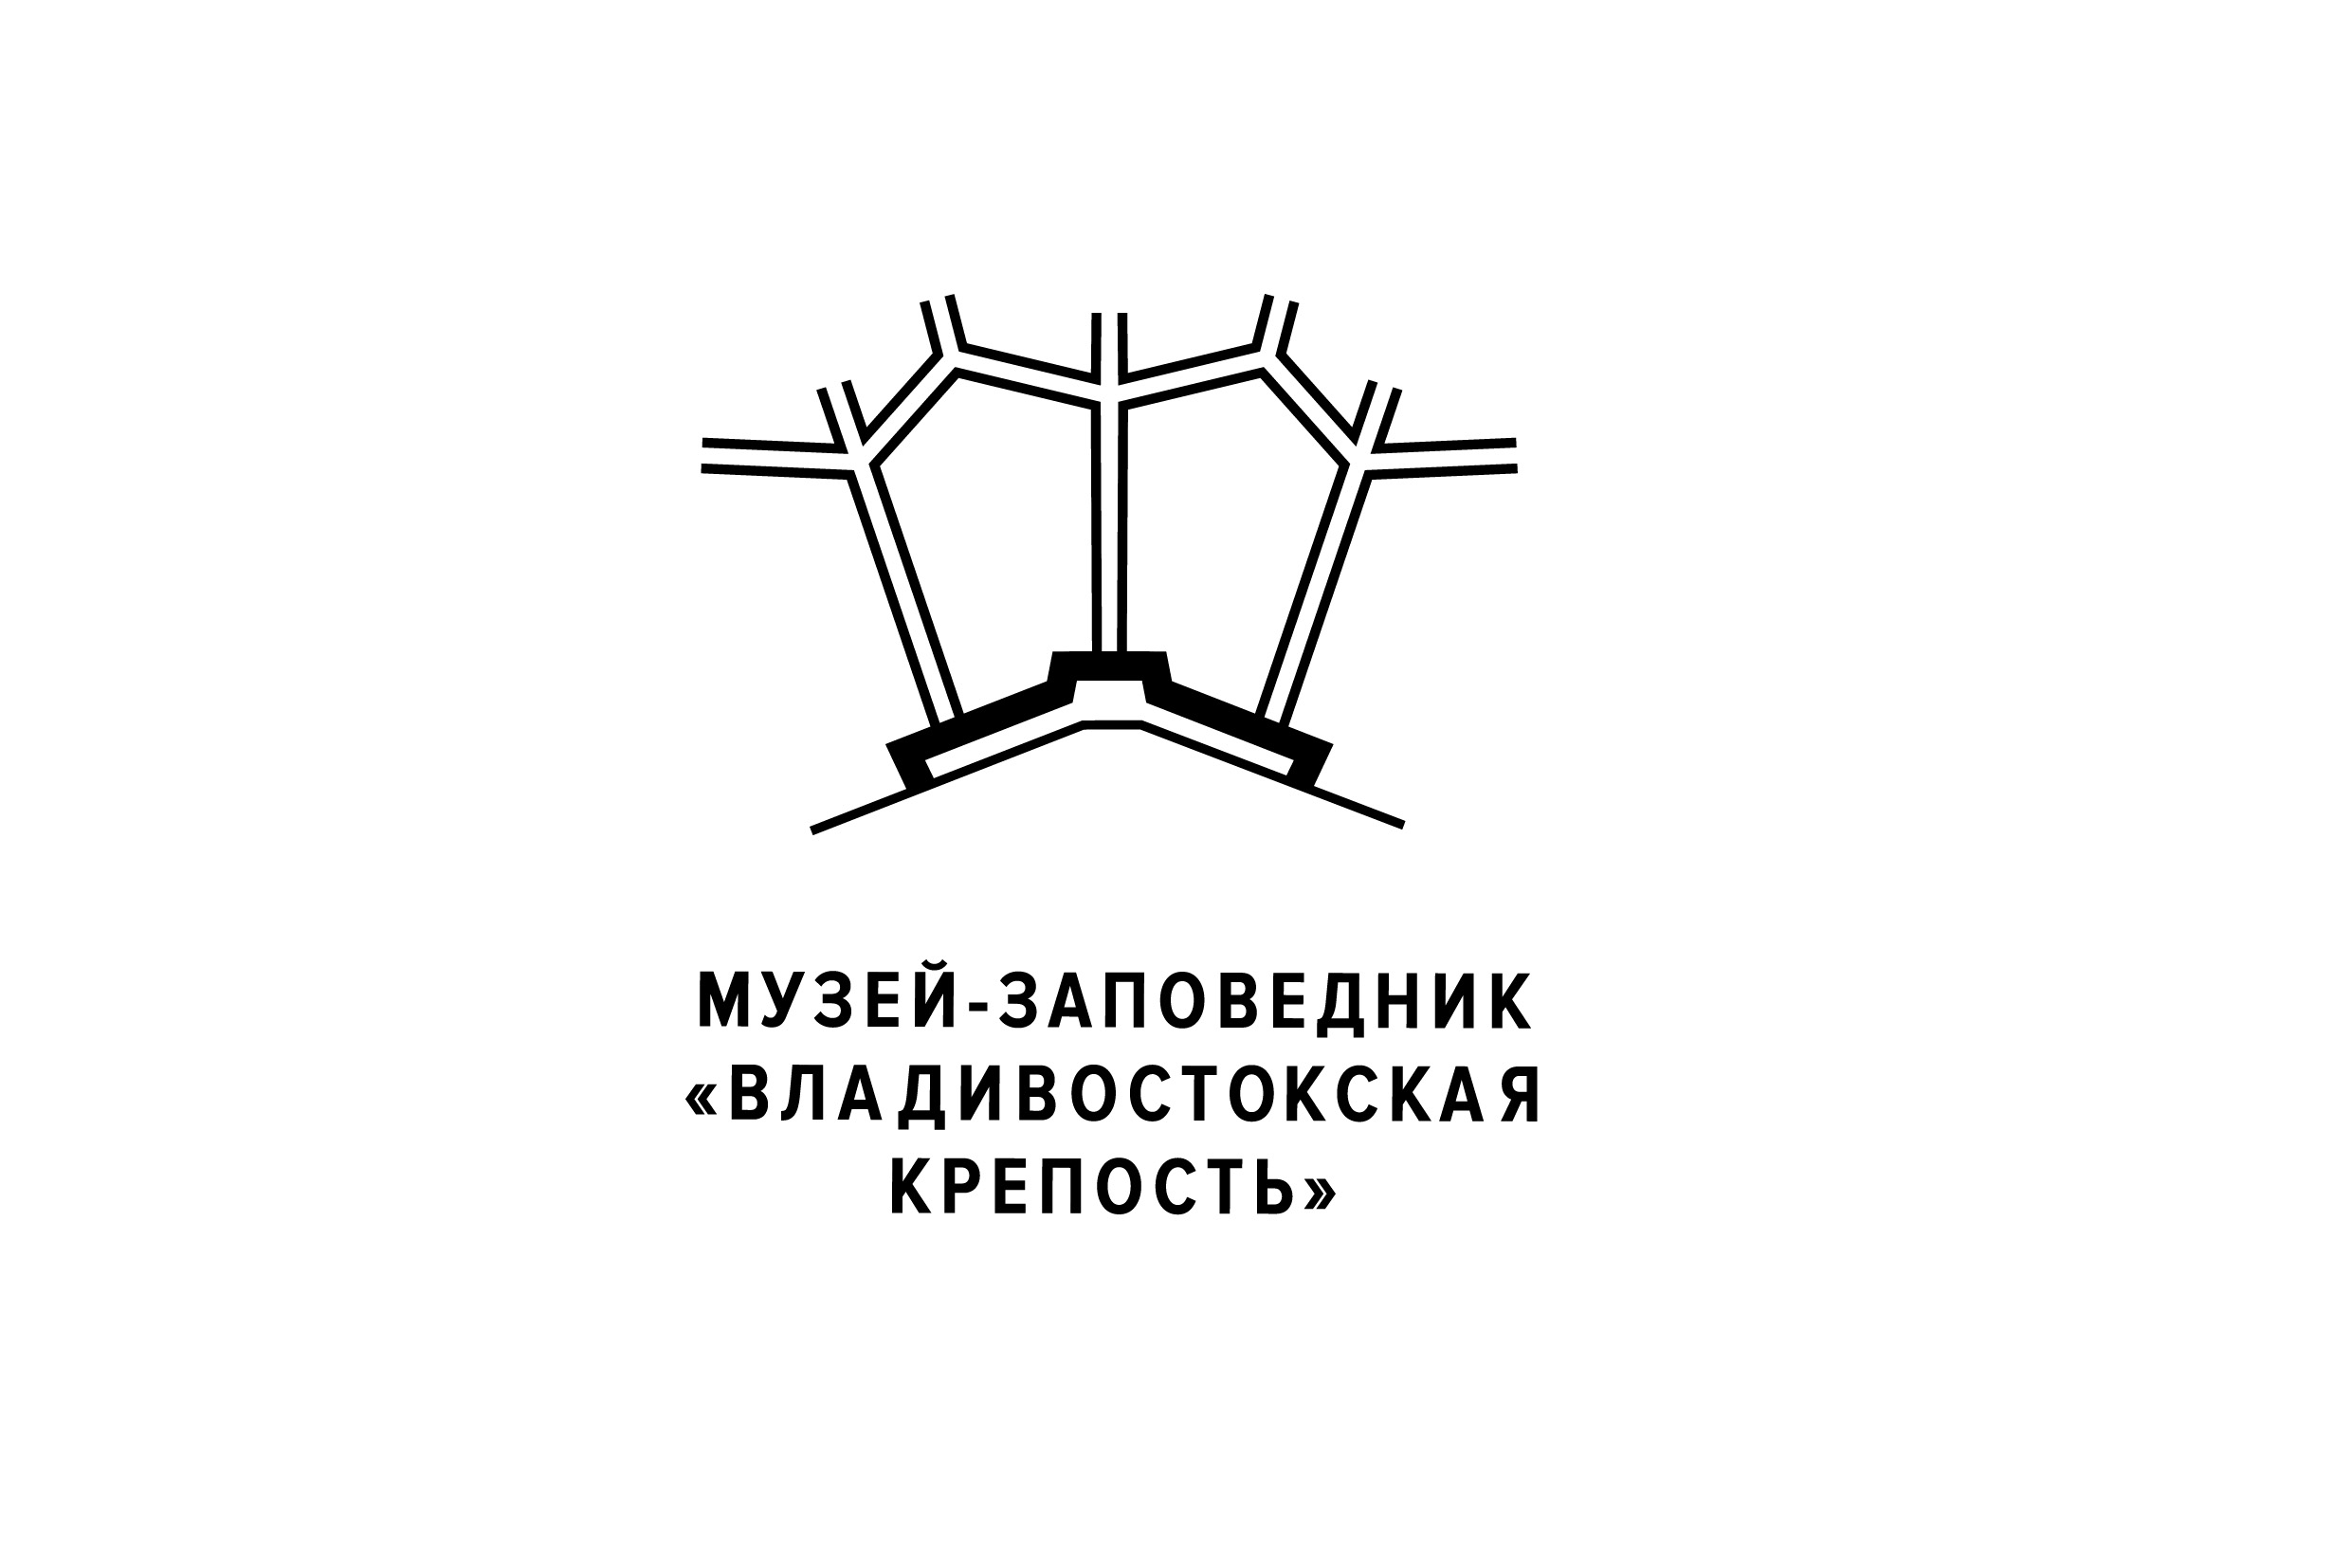 Музей-заповедник Владивостокская крепость